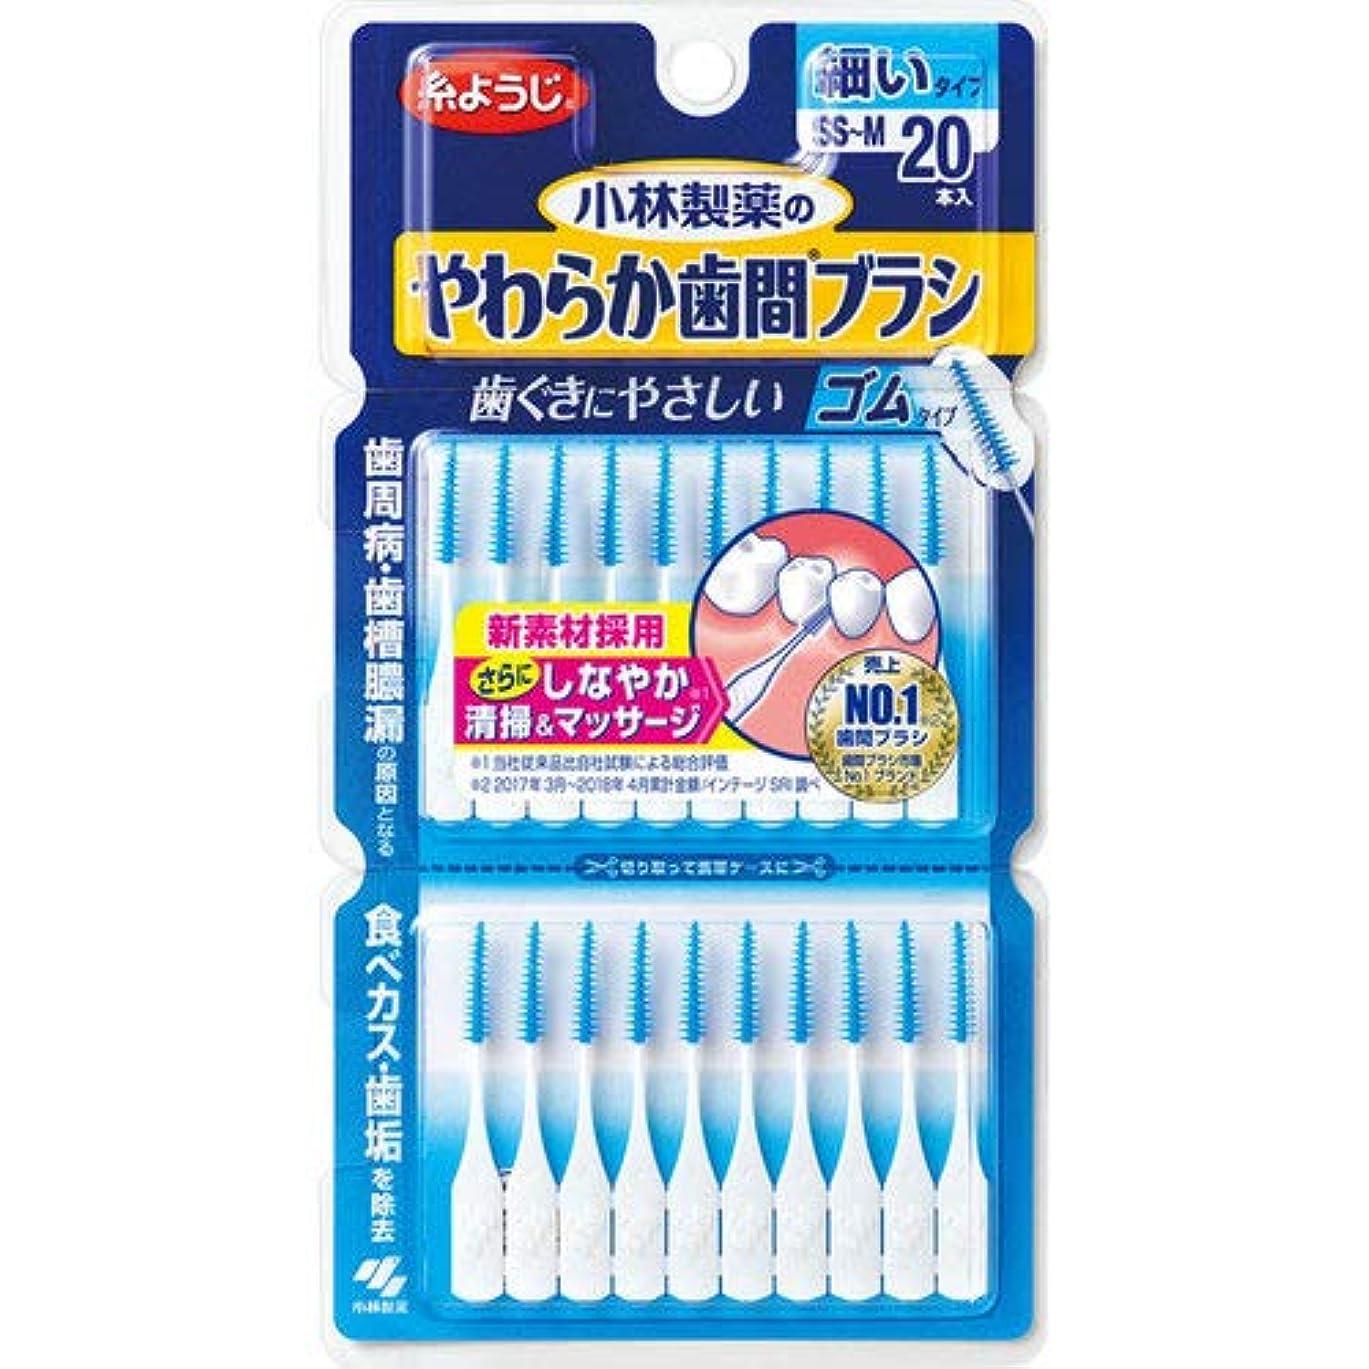 舗装する自動化無意味Dental Dr.やわらか歯間ブラシ 20本